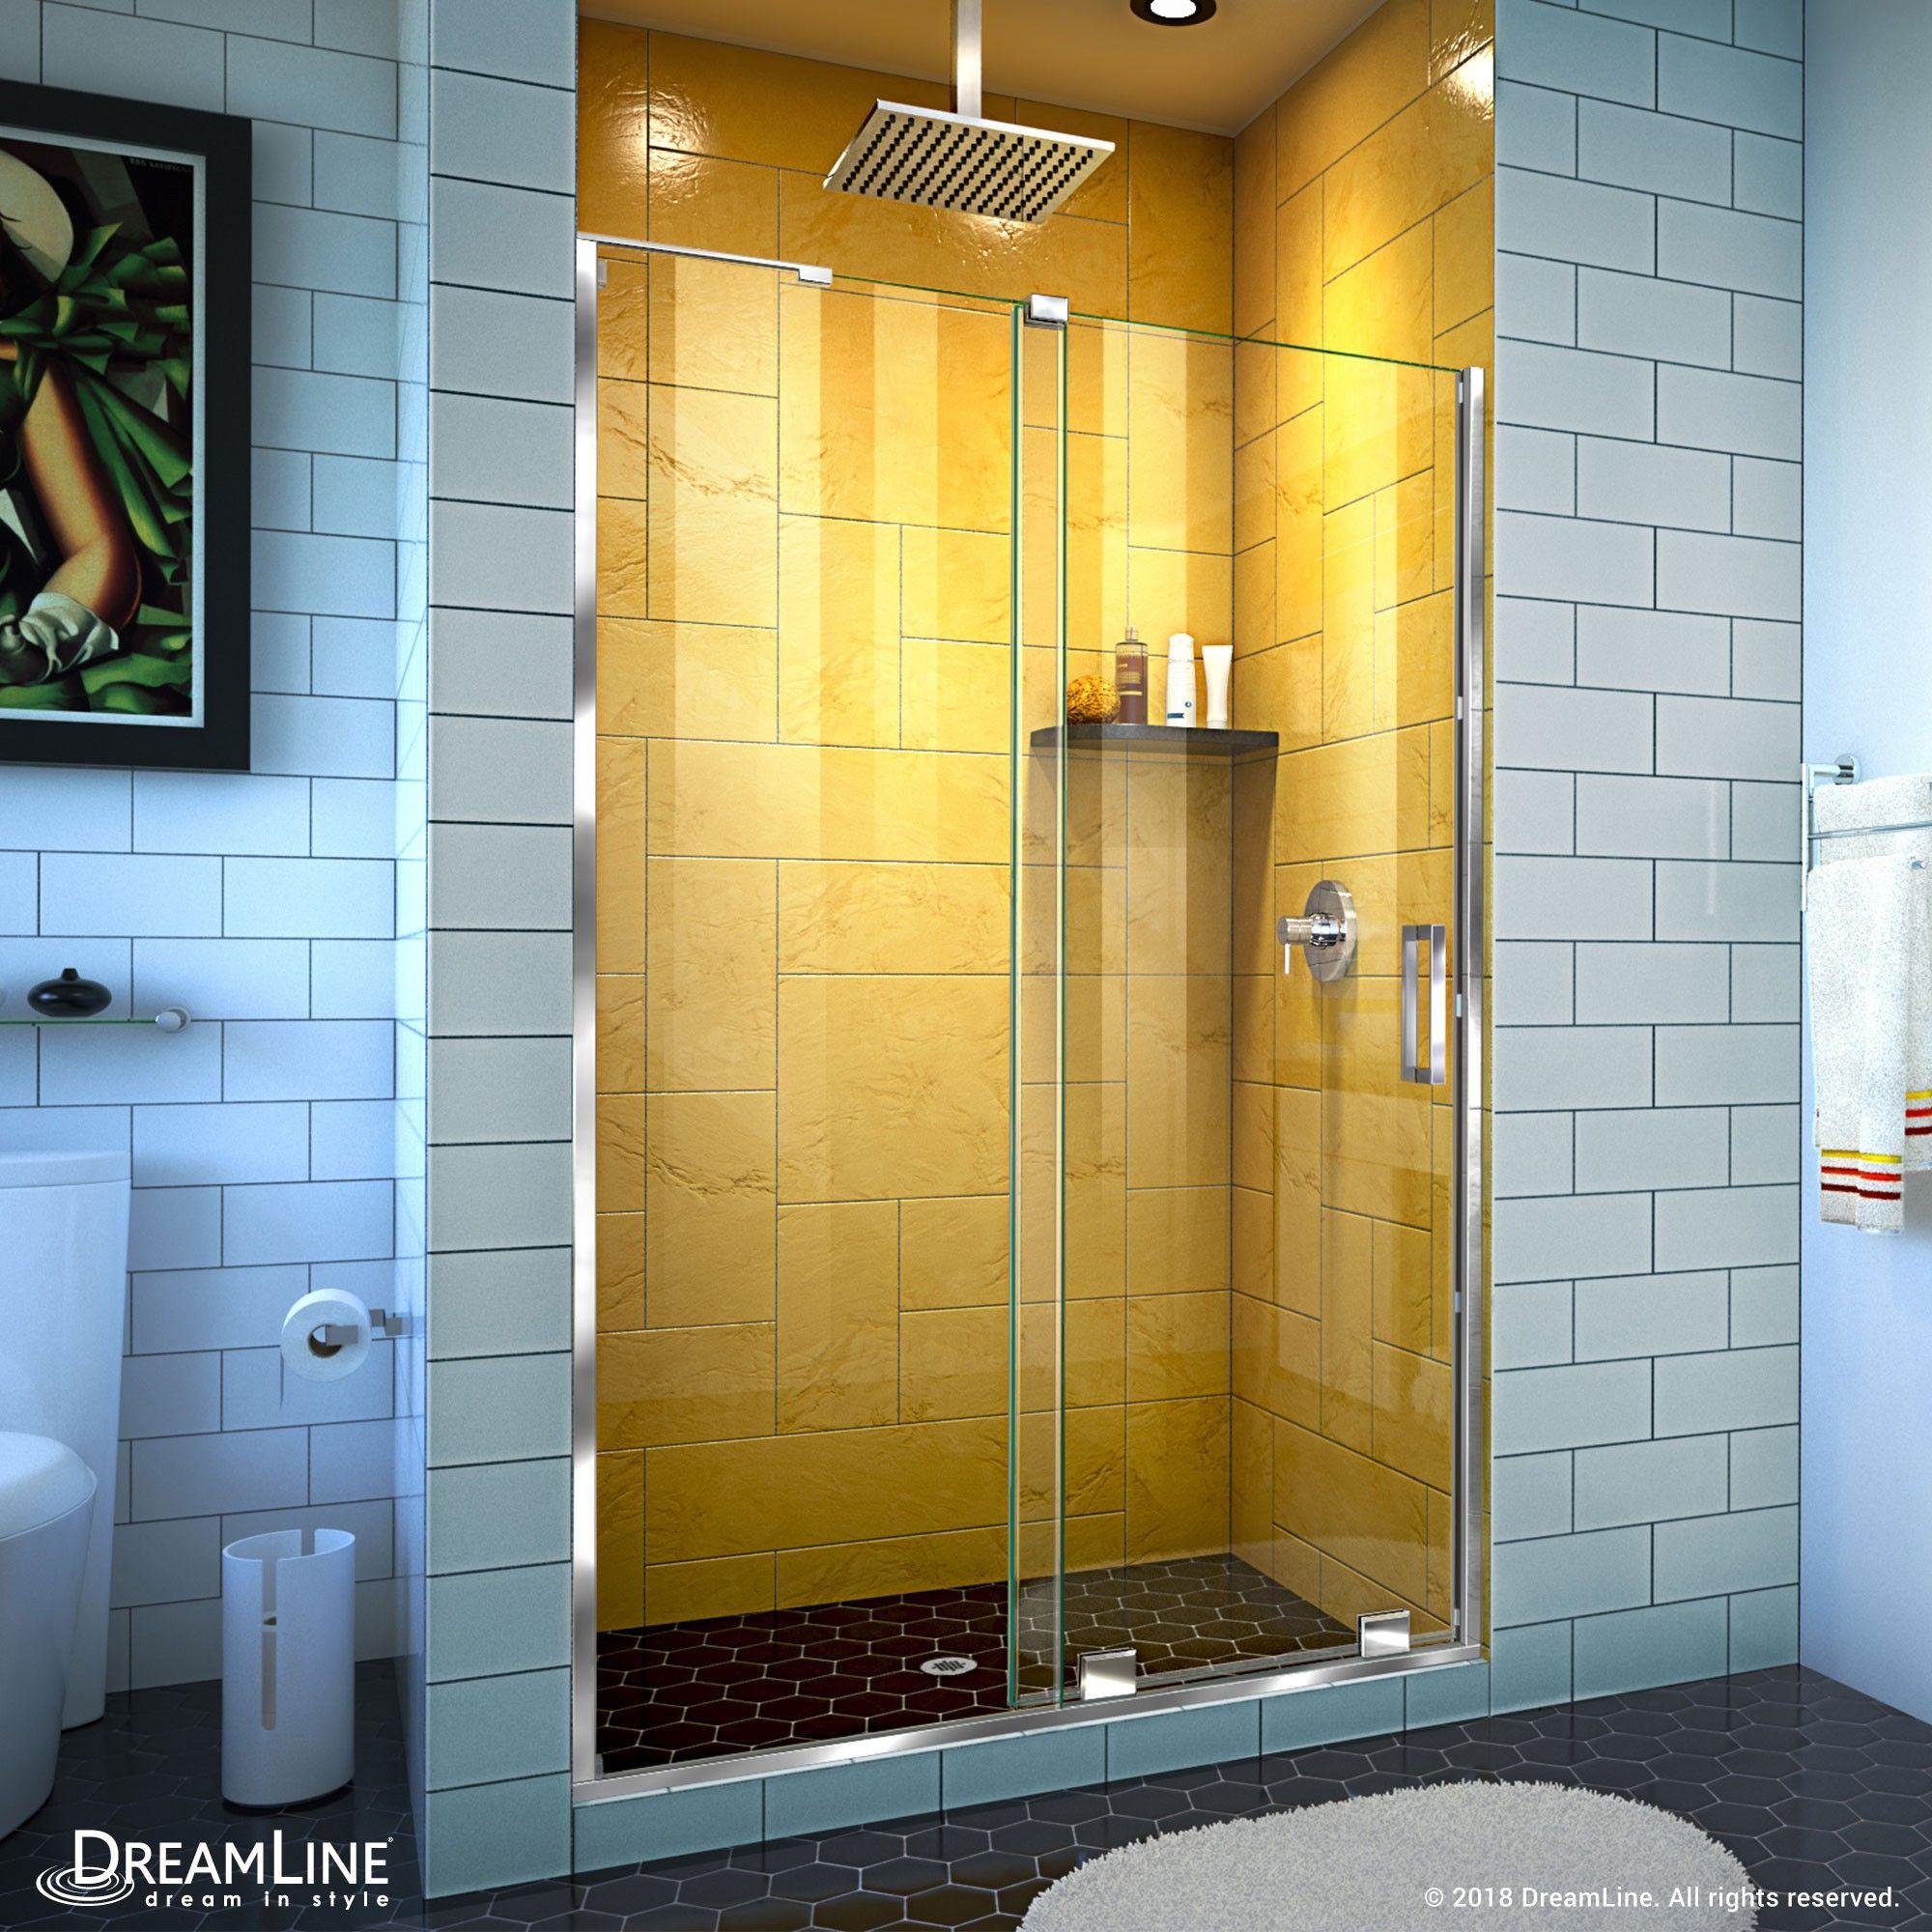 The Dreamline Mirage Z Frameless Sliding Showerdoor Is The